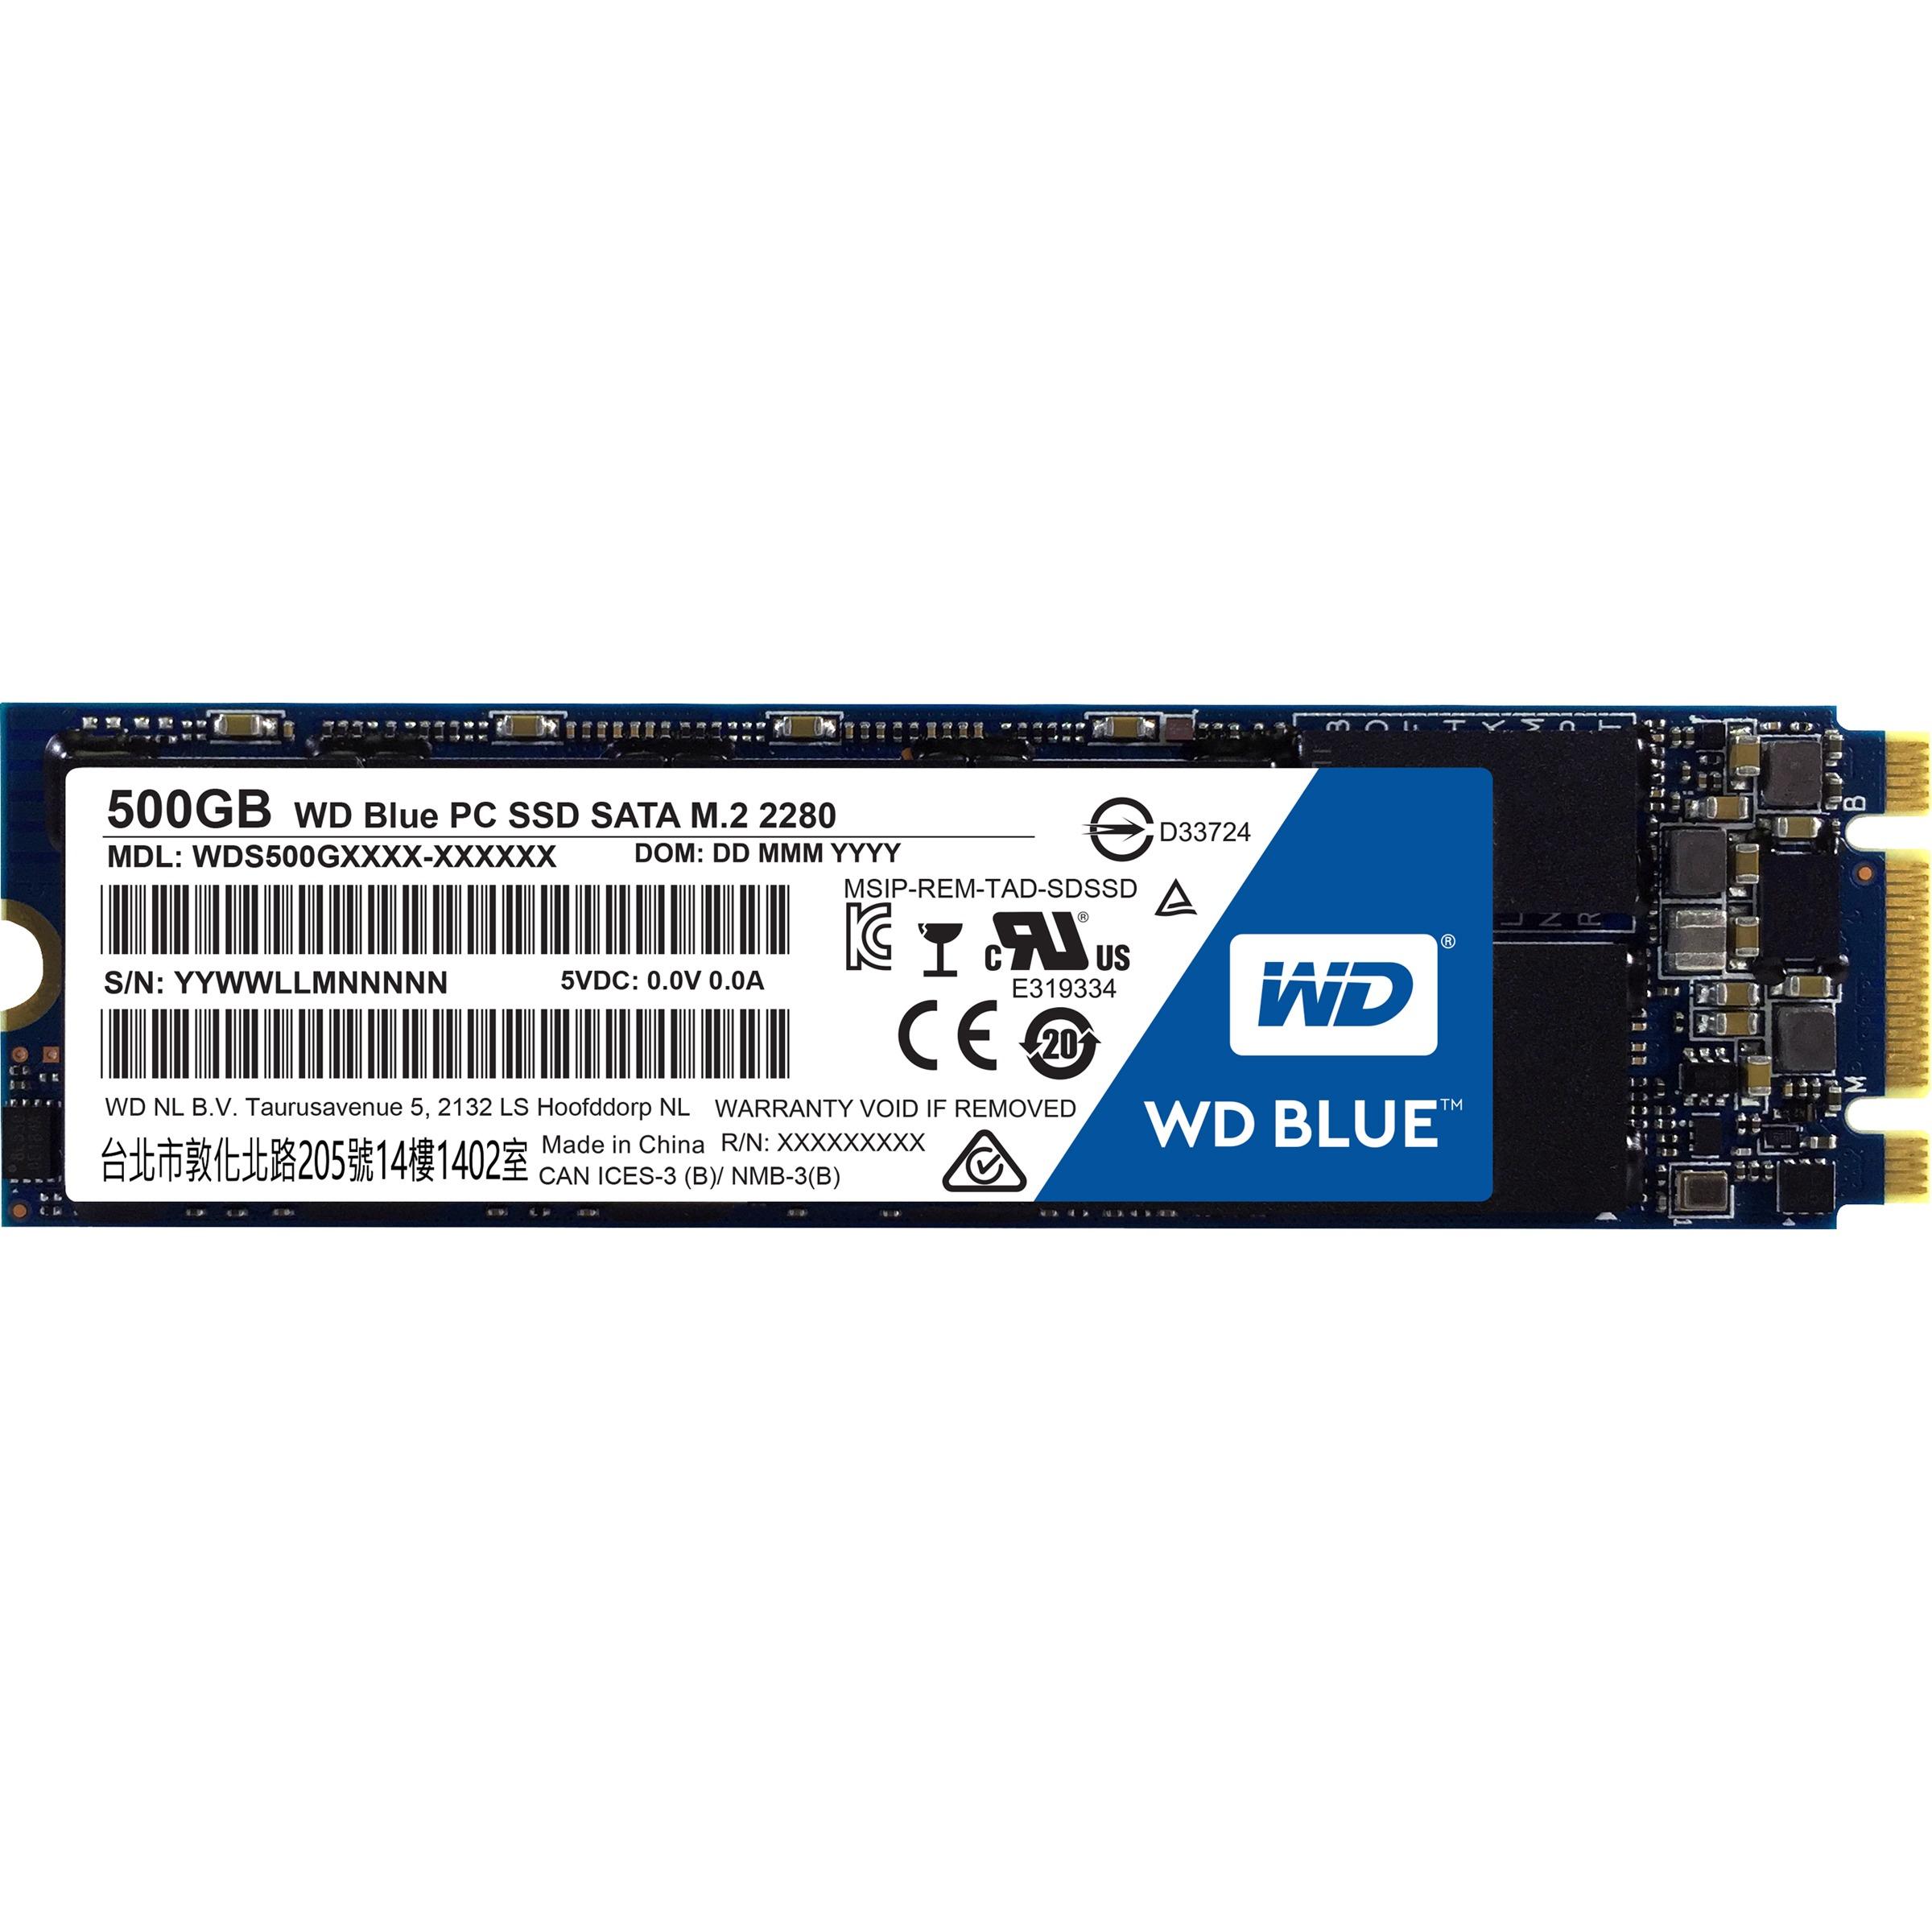 WD Blue SSD M.2 2280 500GB SATA III 6Gb/s 80mm Western Digital PC Internal SSD Solid State Drive 545MB/s Maximum Read Transfer Rate 525MB/s Maximum Write Transfer Rate WDS500G1B0B 0